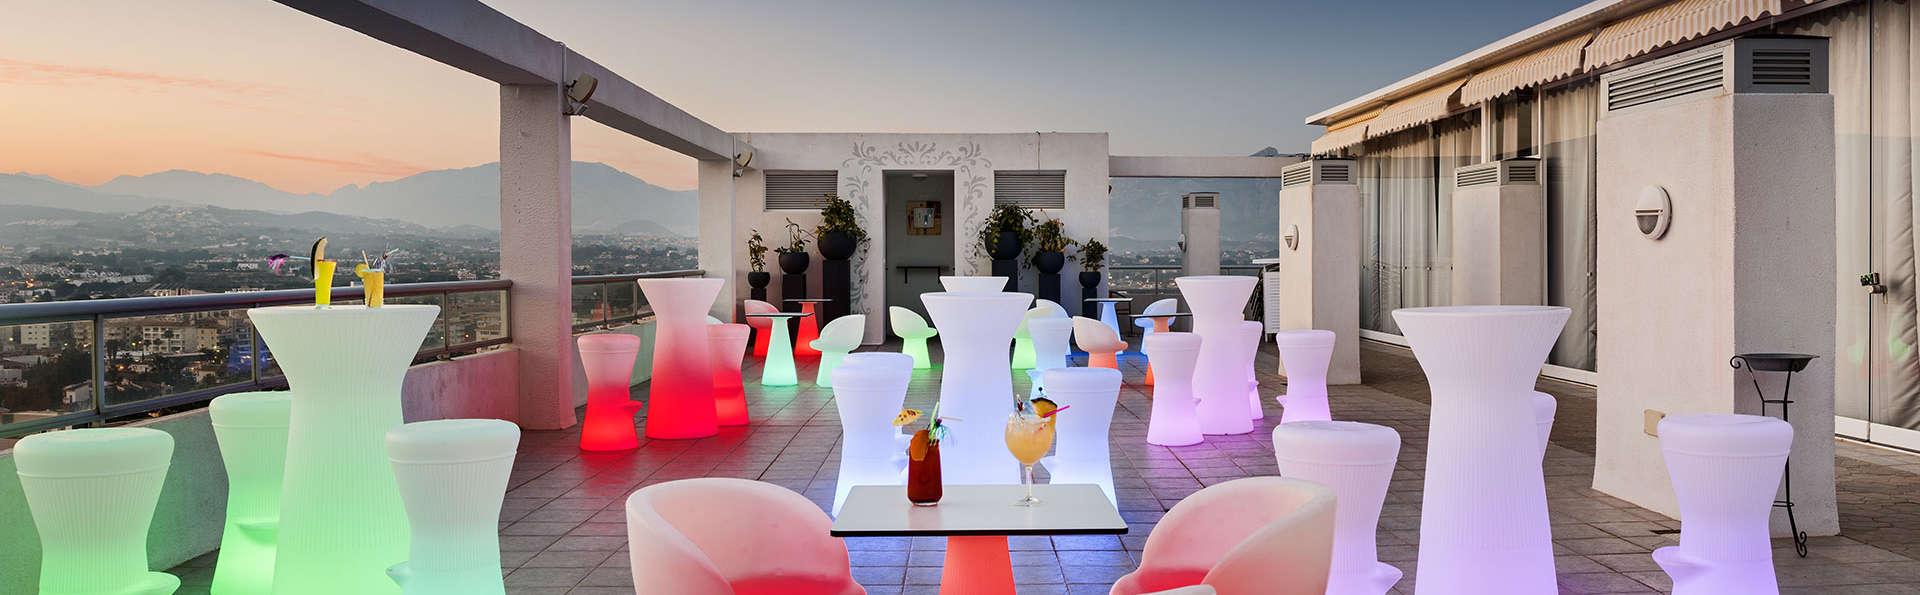 Escapada relax en media pensión con magníficas vistas desde el restaurante